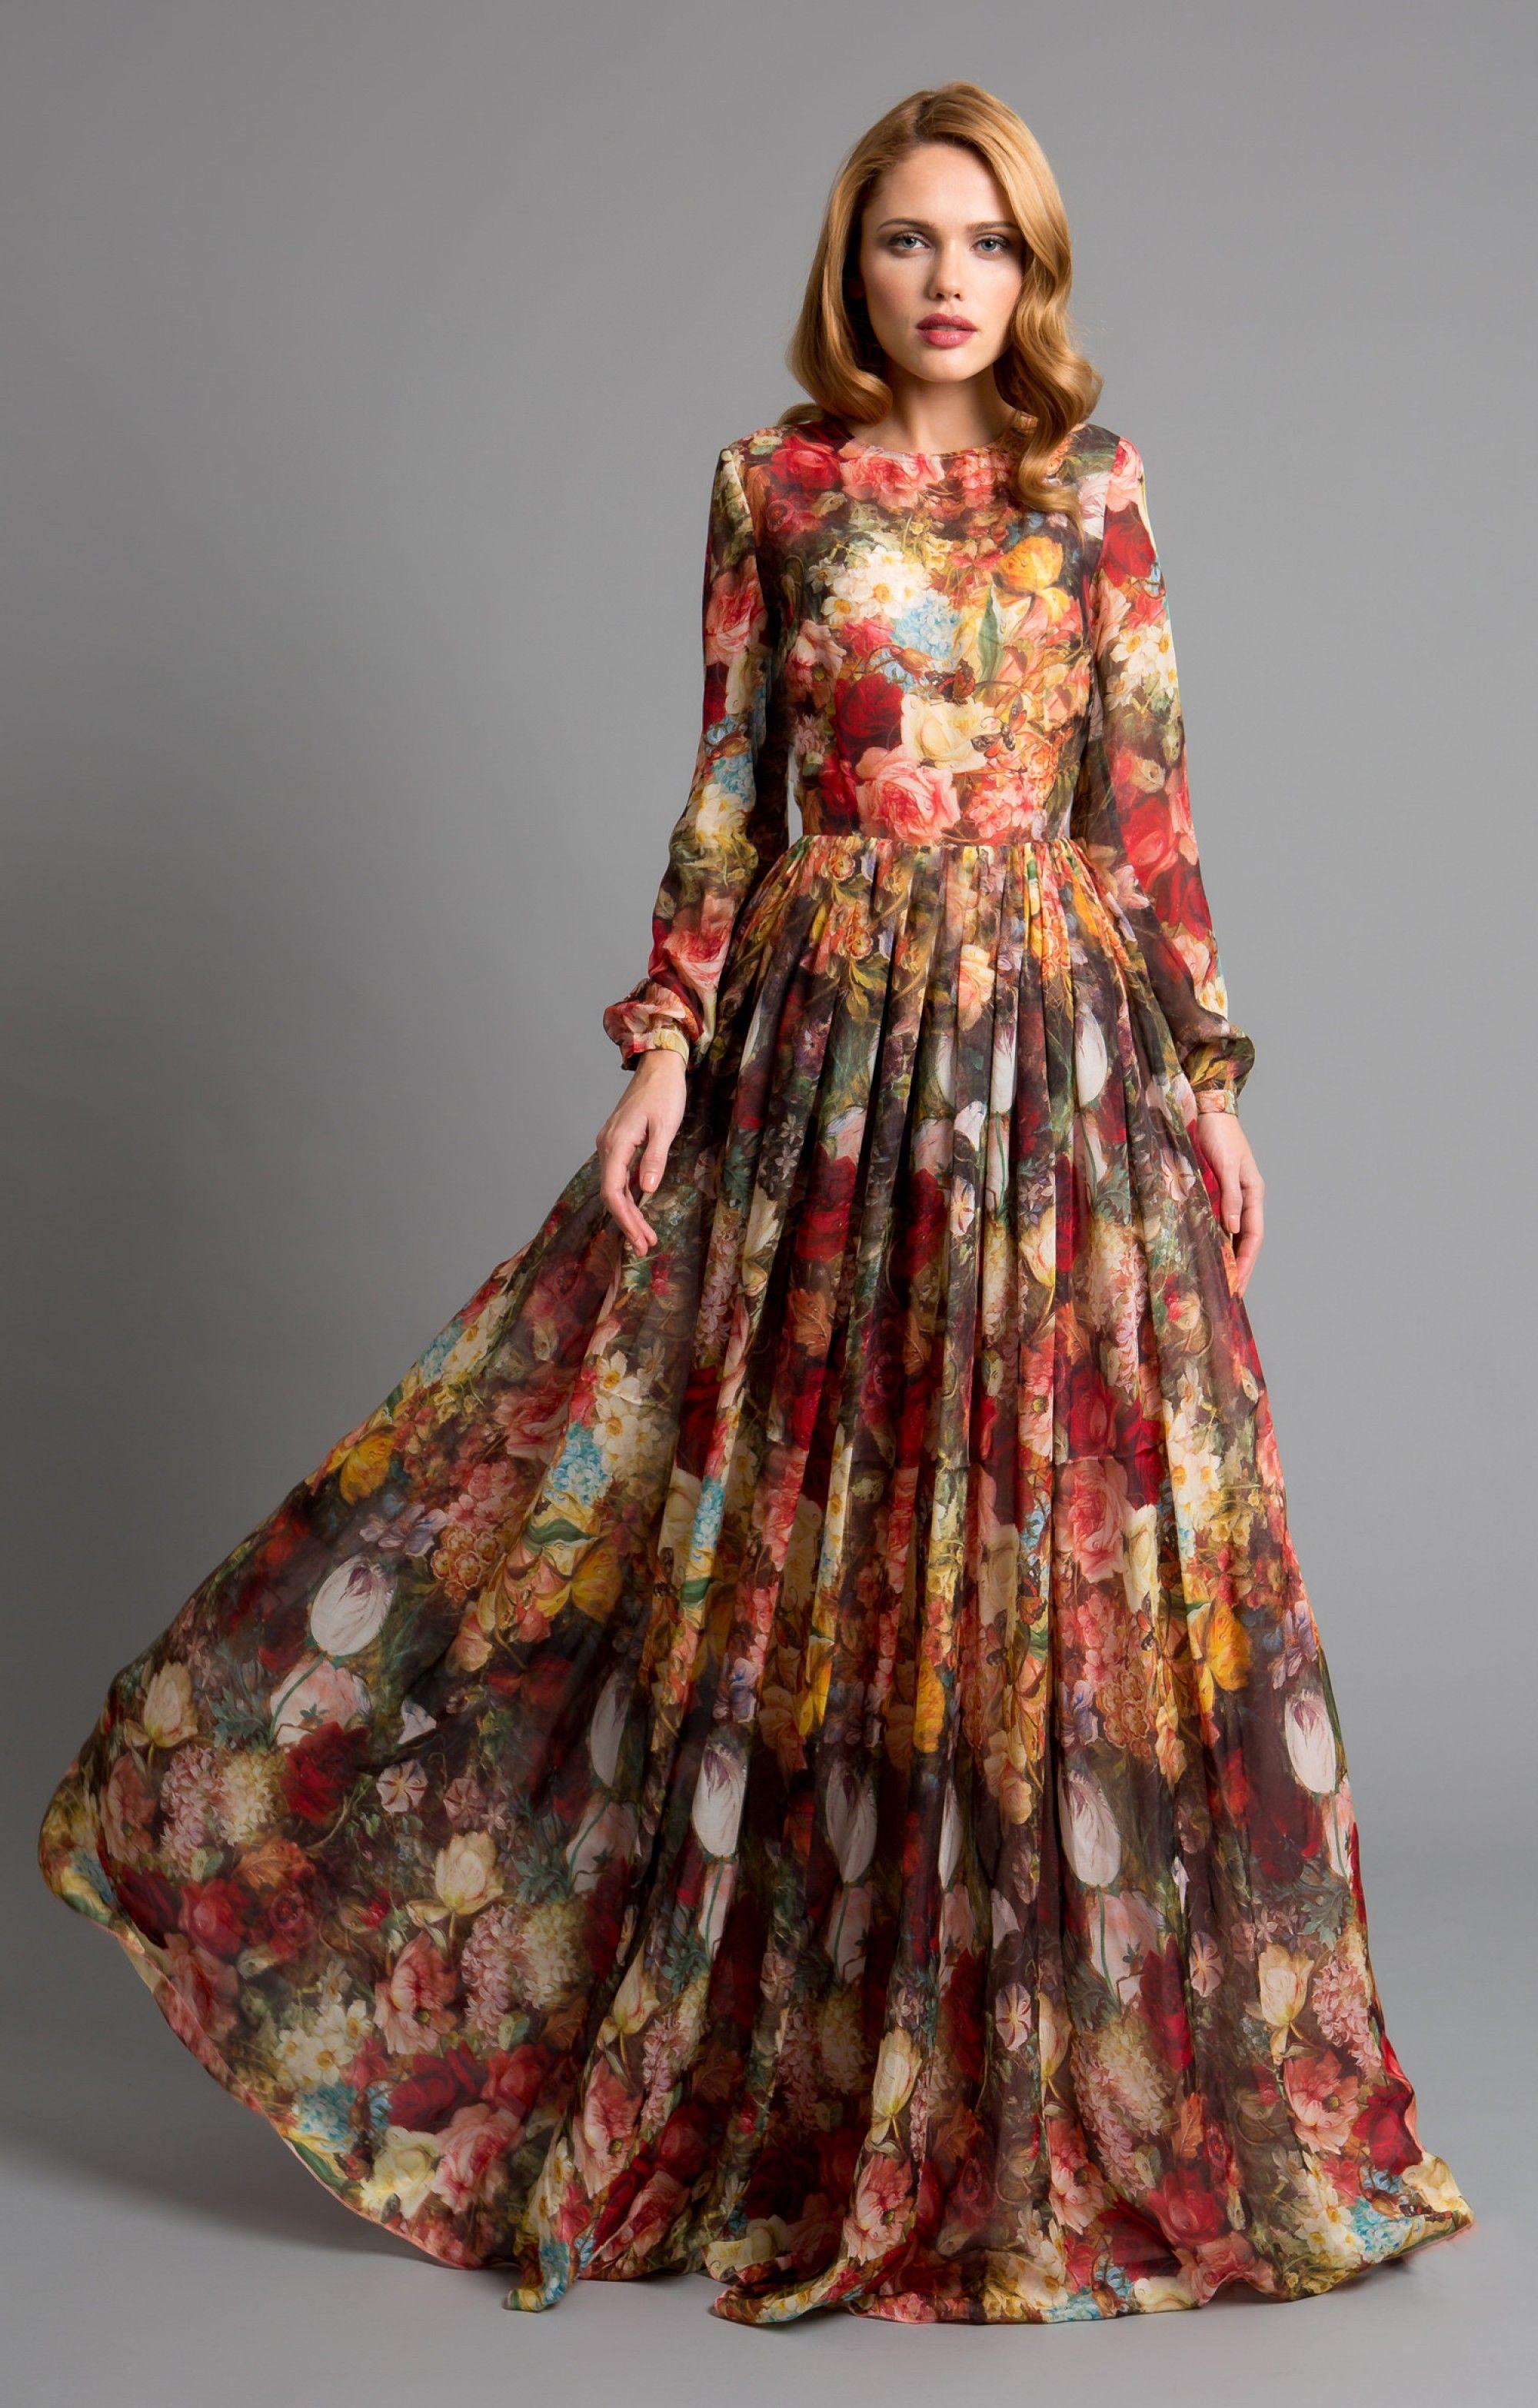 Abendkleider Seide #abendkleider #seide:separator:Abendkleider